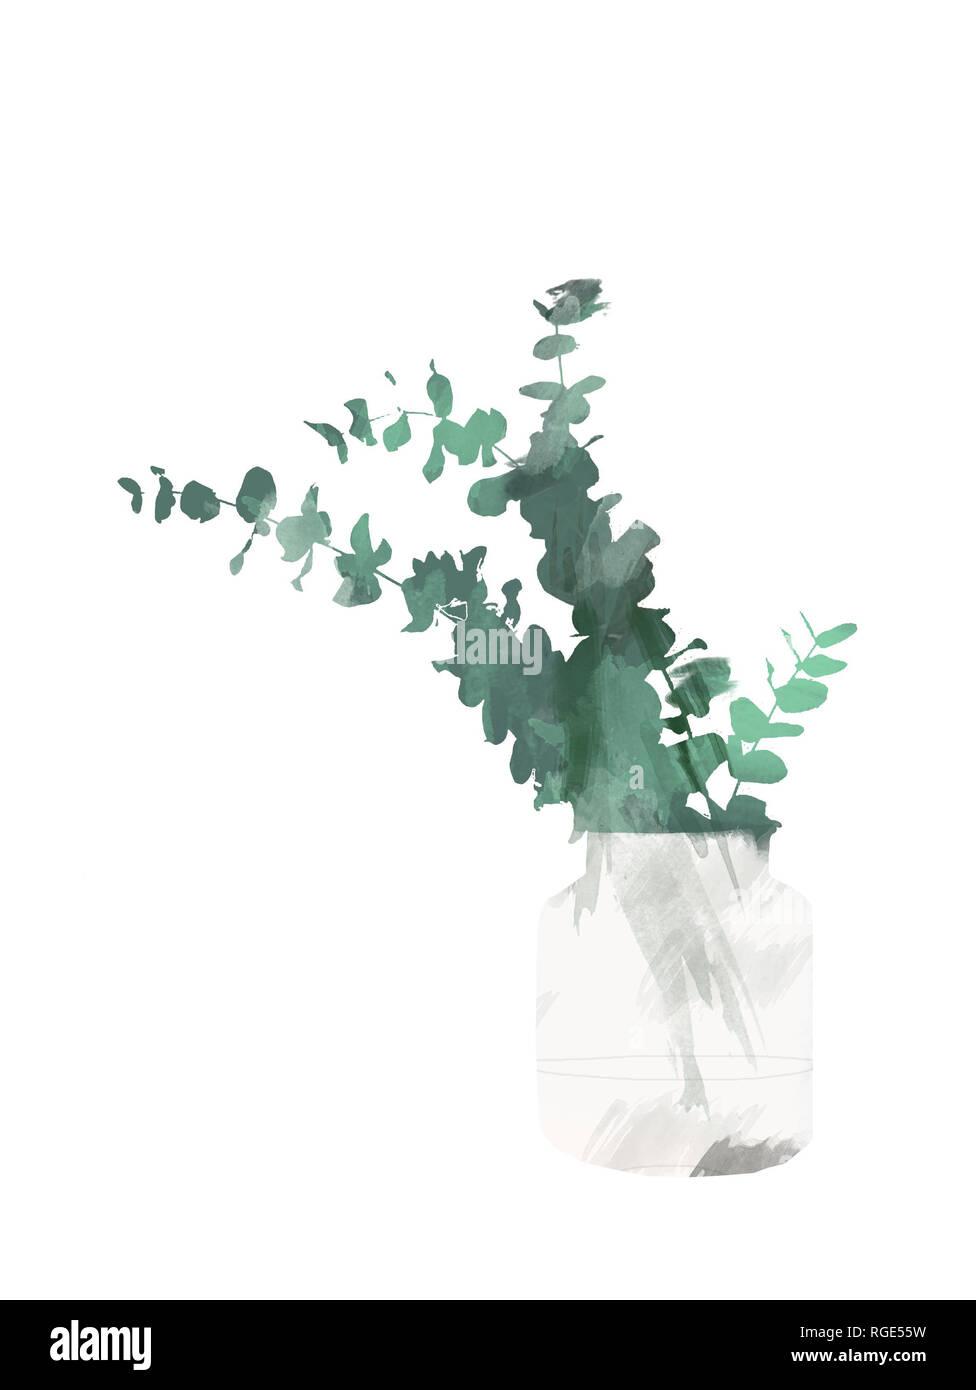 Eucalyptus peint à la main dans la bouteille ou le vase isolé sur fond blanc. Clip art botanique floral pour la conception ou d'impression - Illustration aquarelle Photo Stock